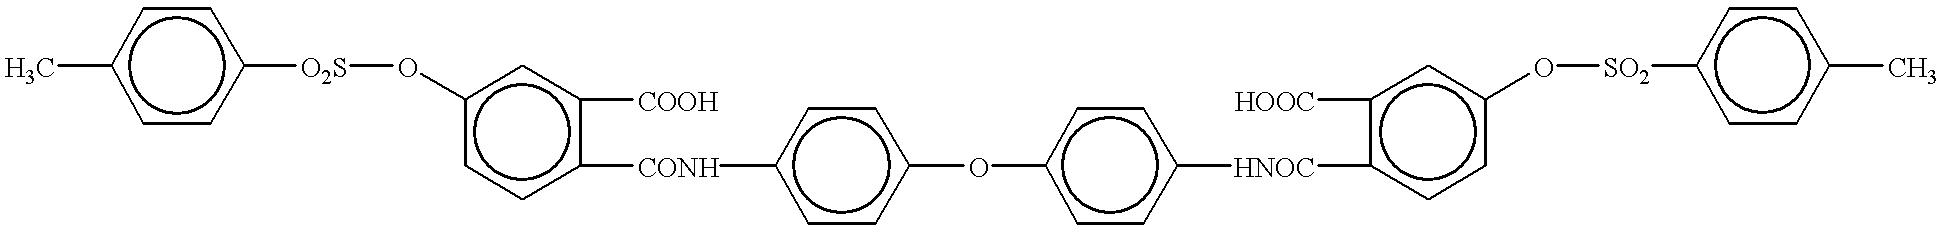 Figure US06180560-20010130-C00515